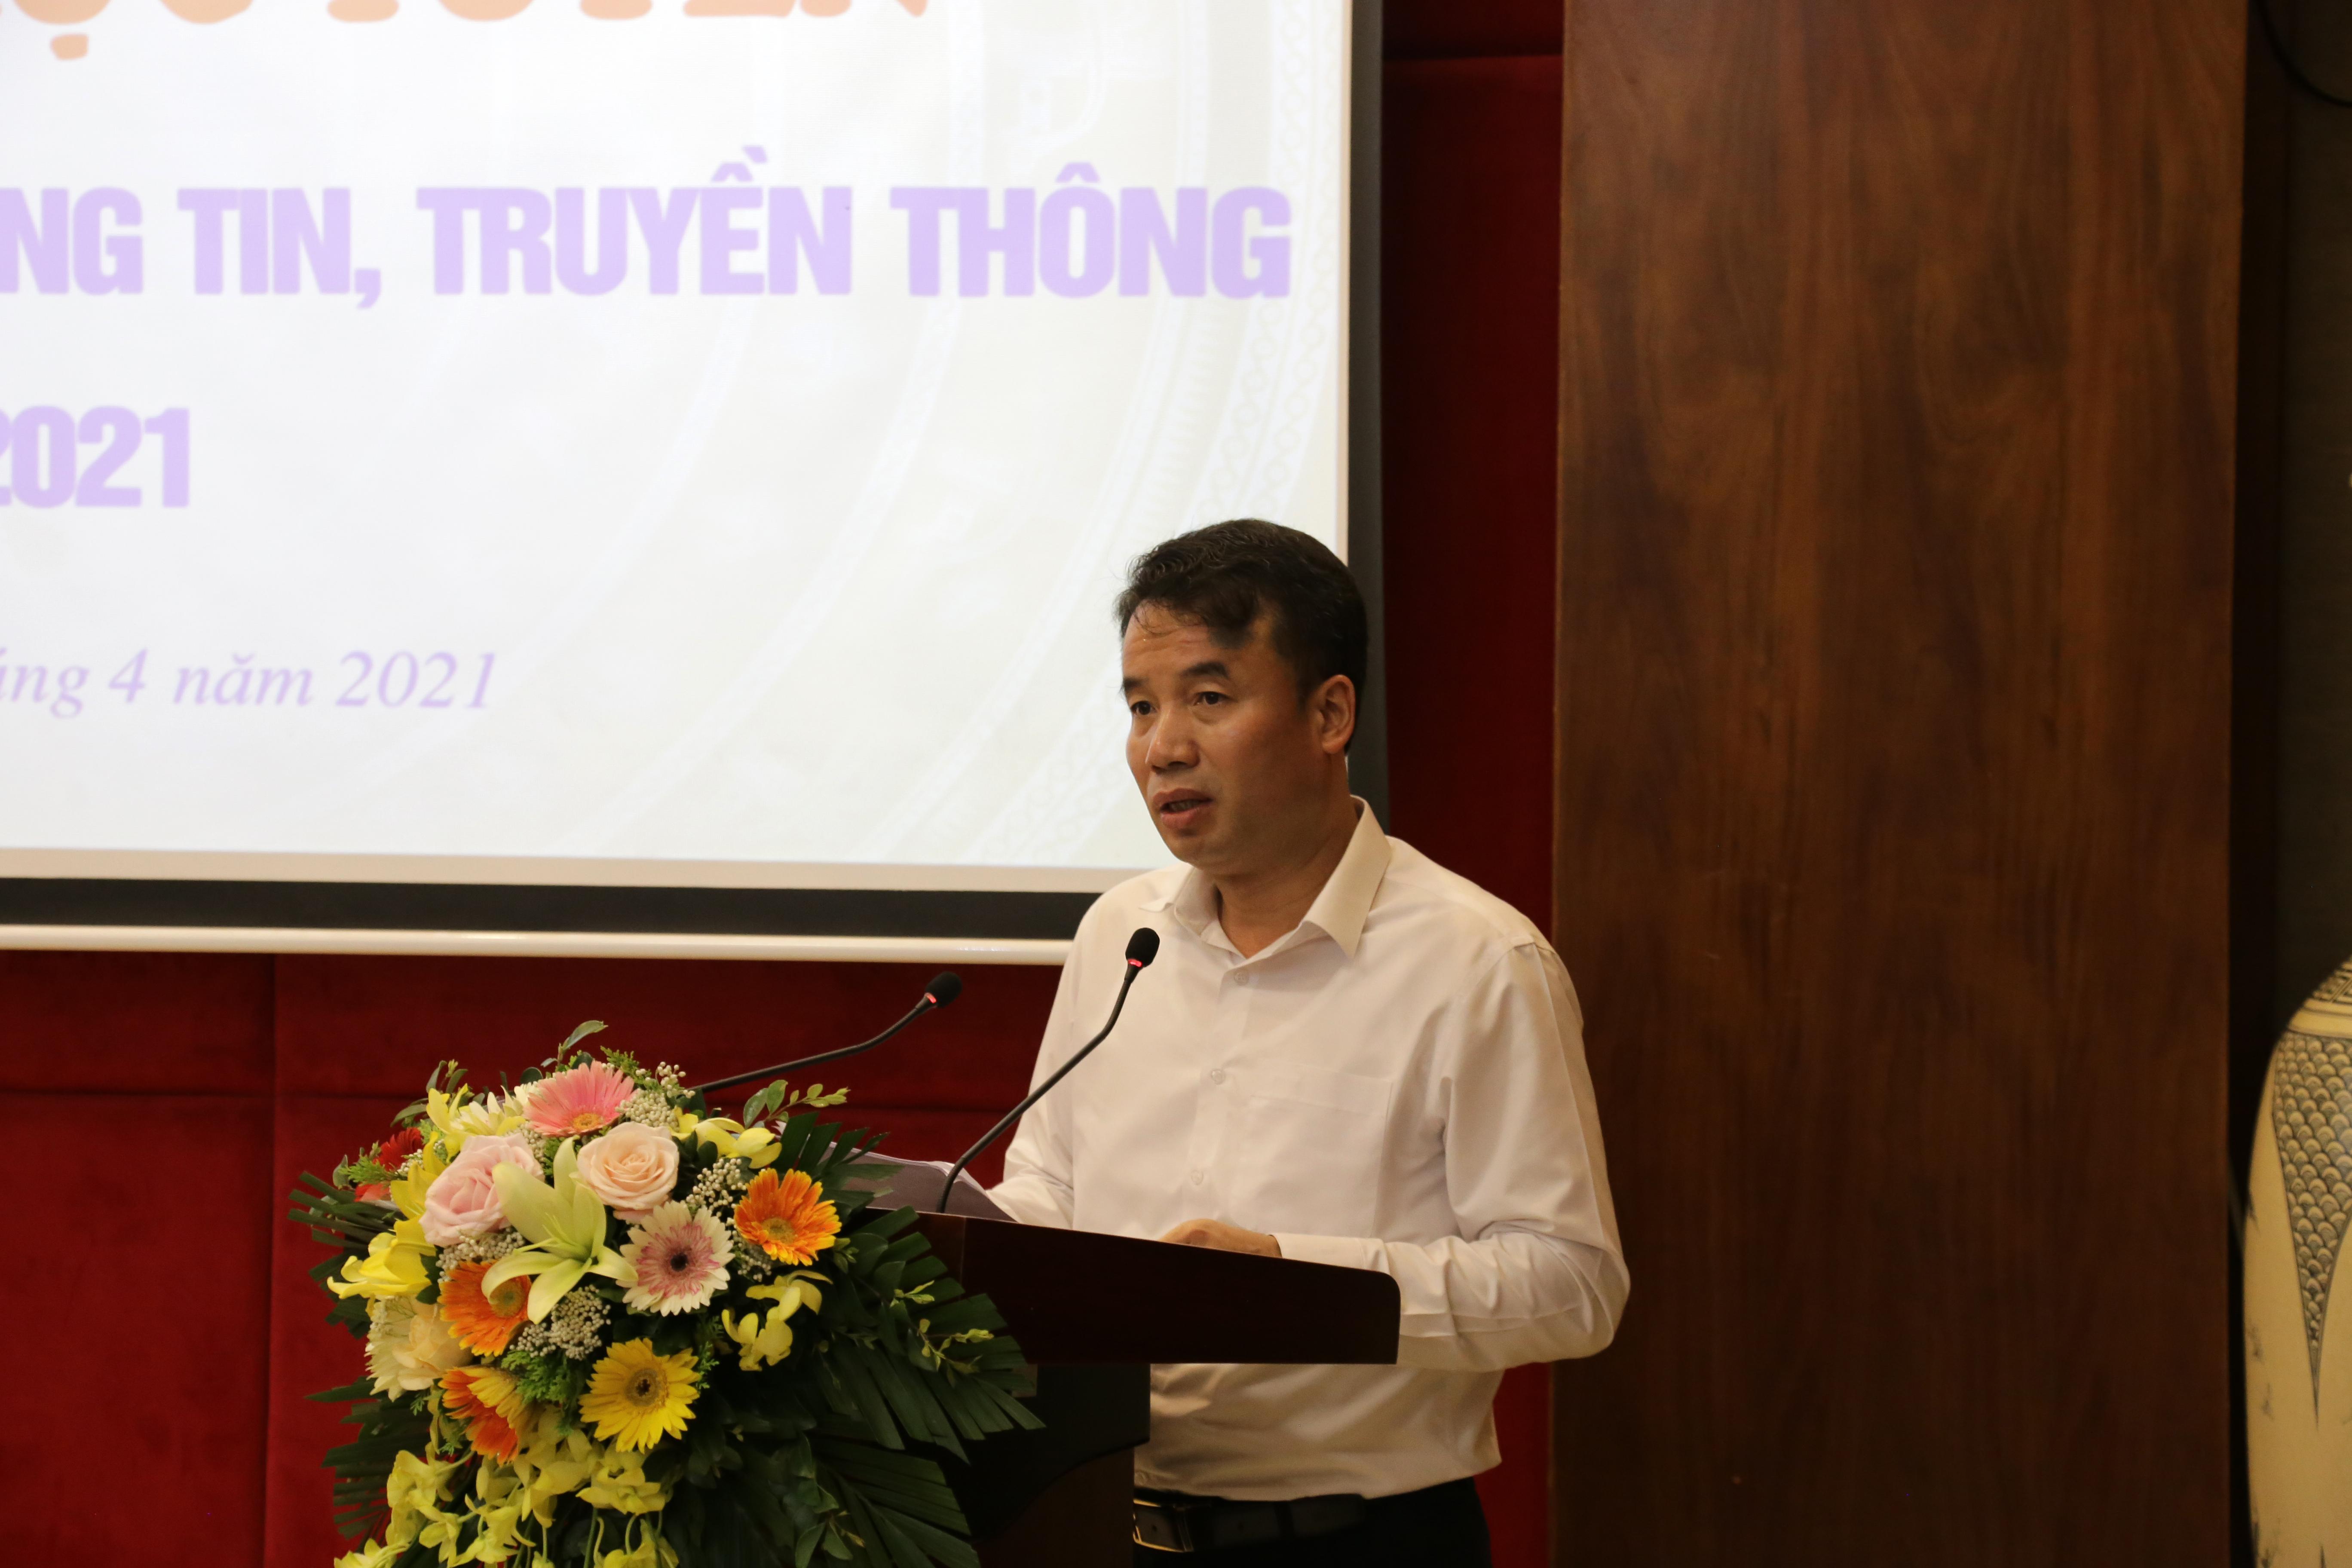 Tổng Giám đốc Bảo hiểm xã hội Việt Nam Nguyễn Thế Mạnh phát biểu tại Hội nghị